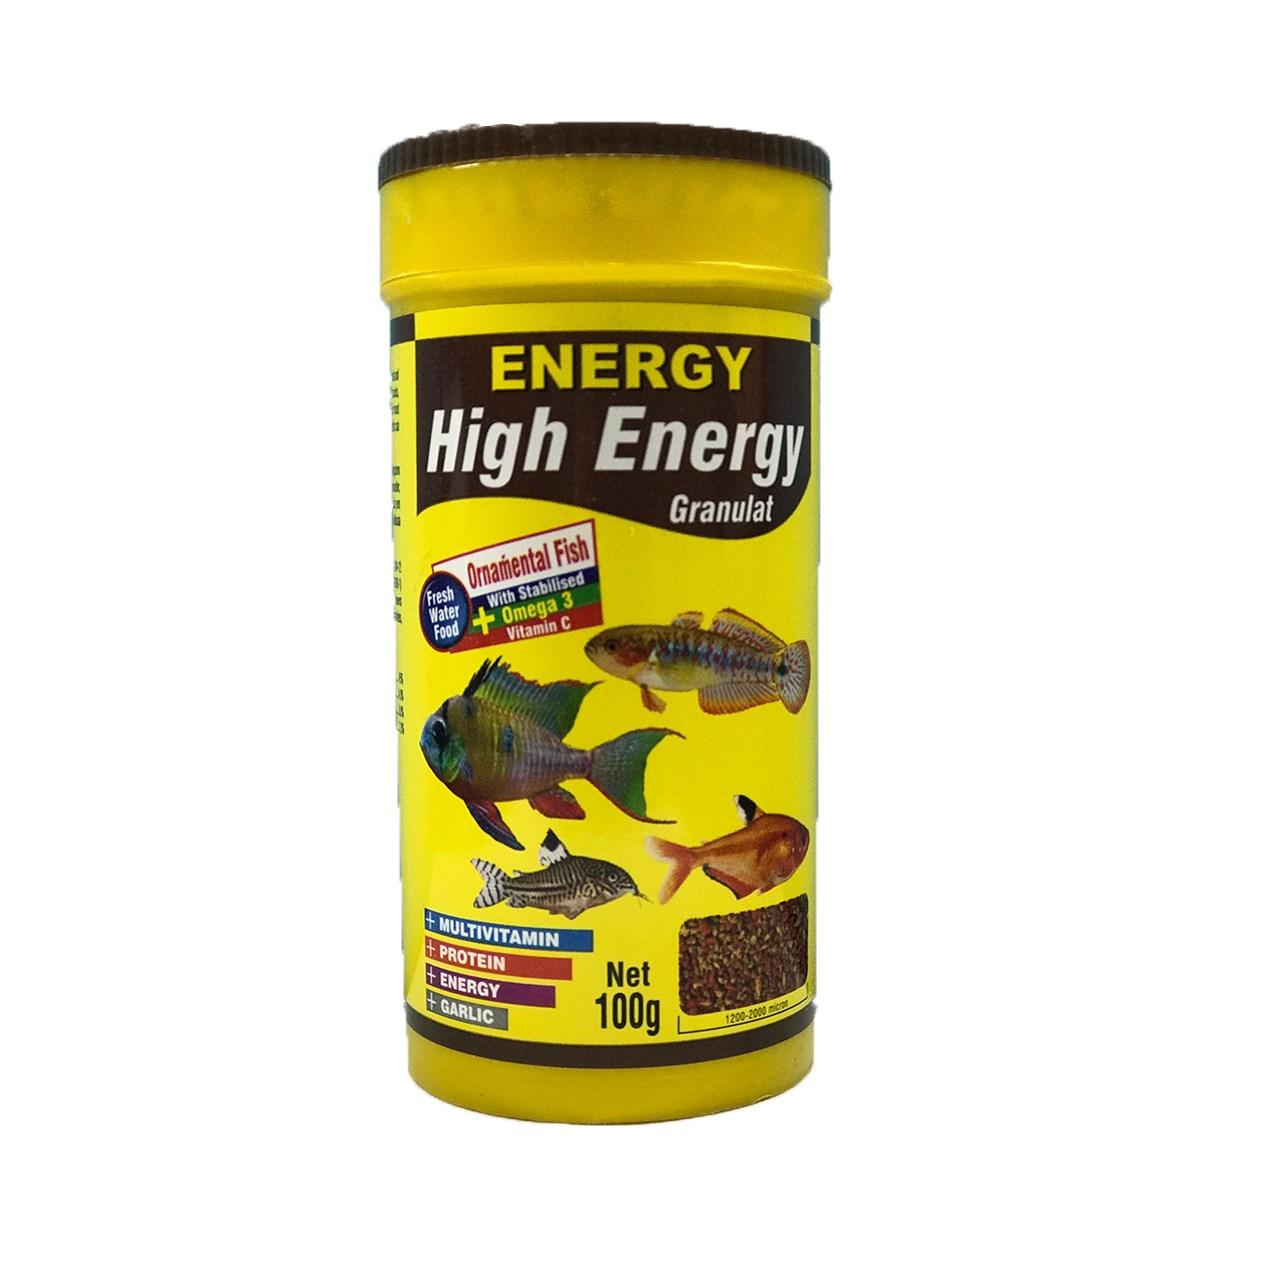 غذای خشک ماهی انرژی گرانول های انرژی 100 گرم